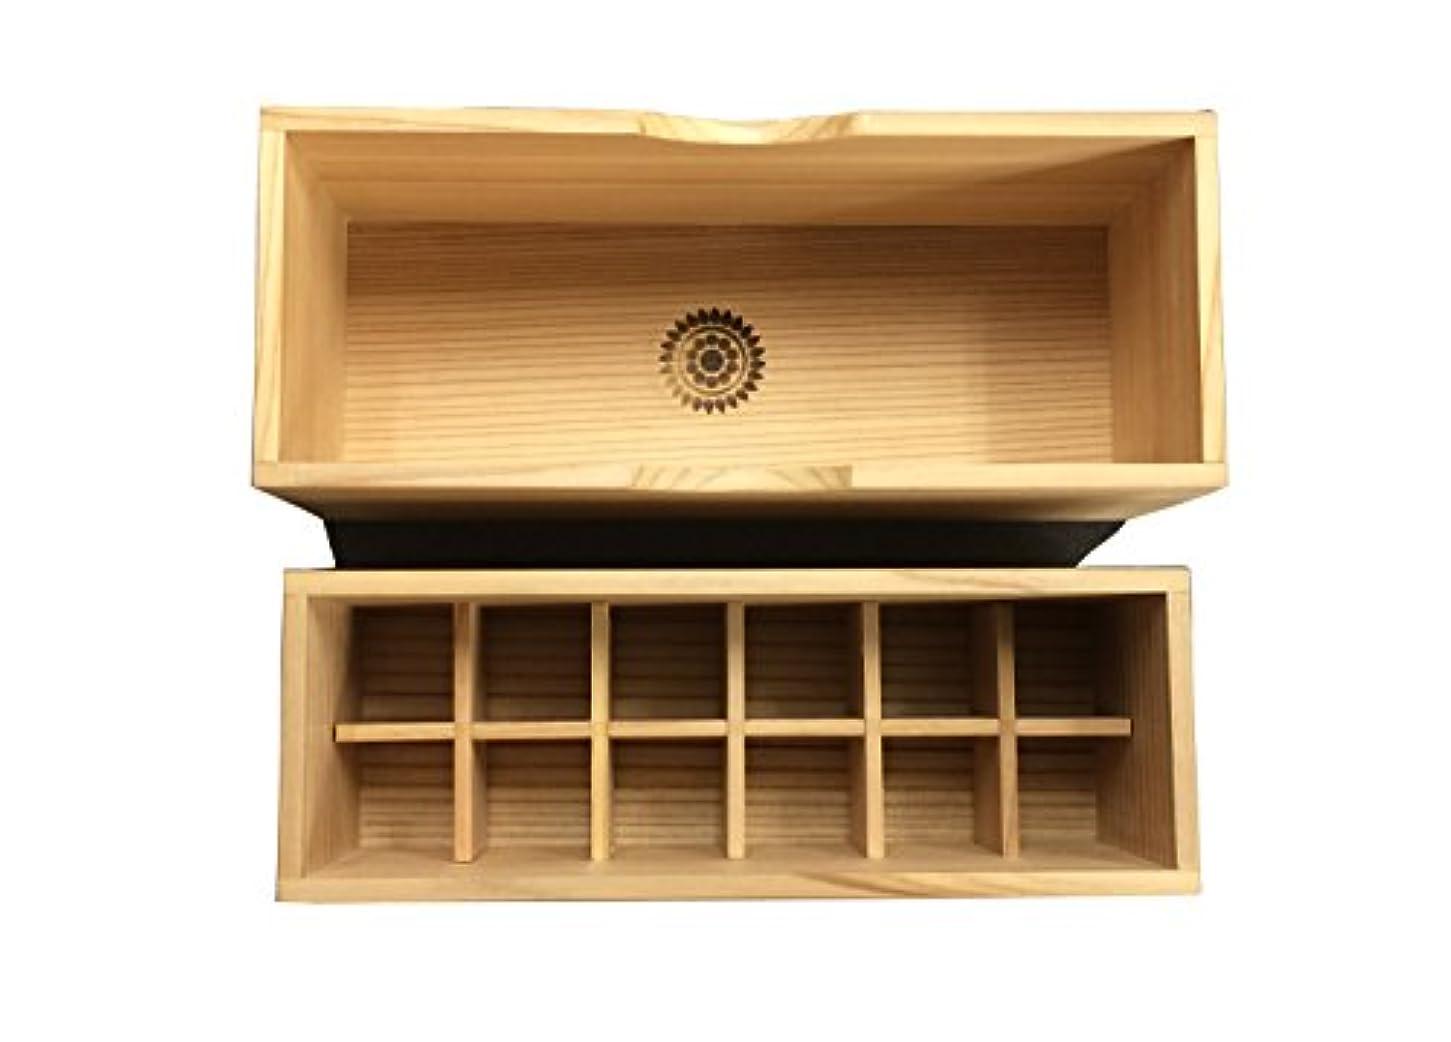 ICA国際クレイセラピー協会【秋田杉の香油箱(12個タイプ)】